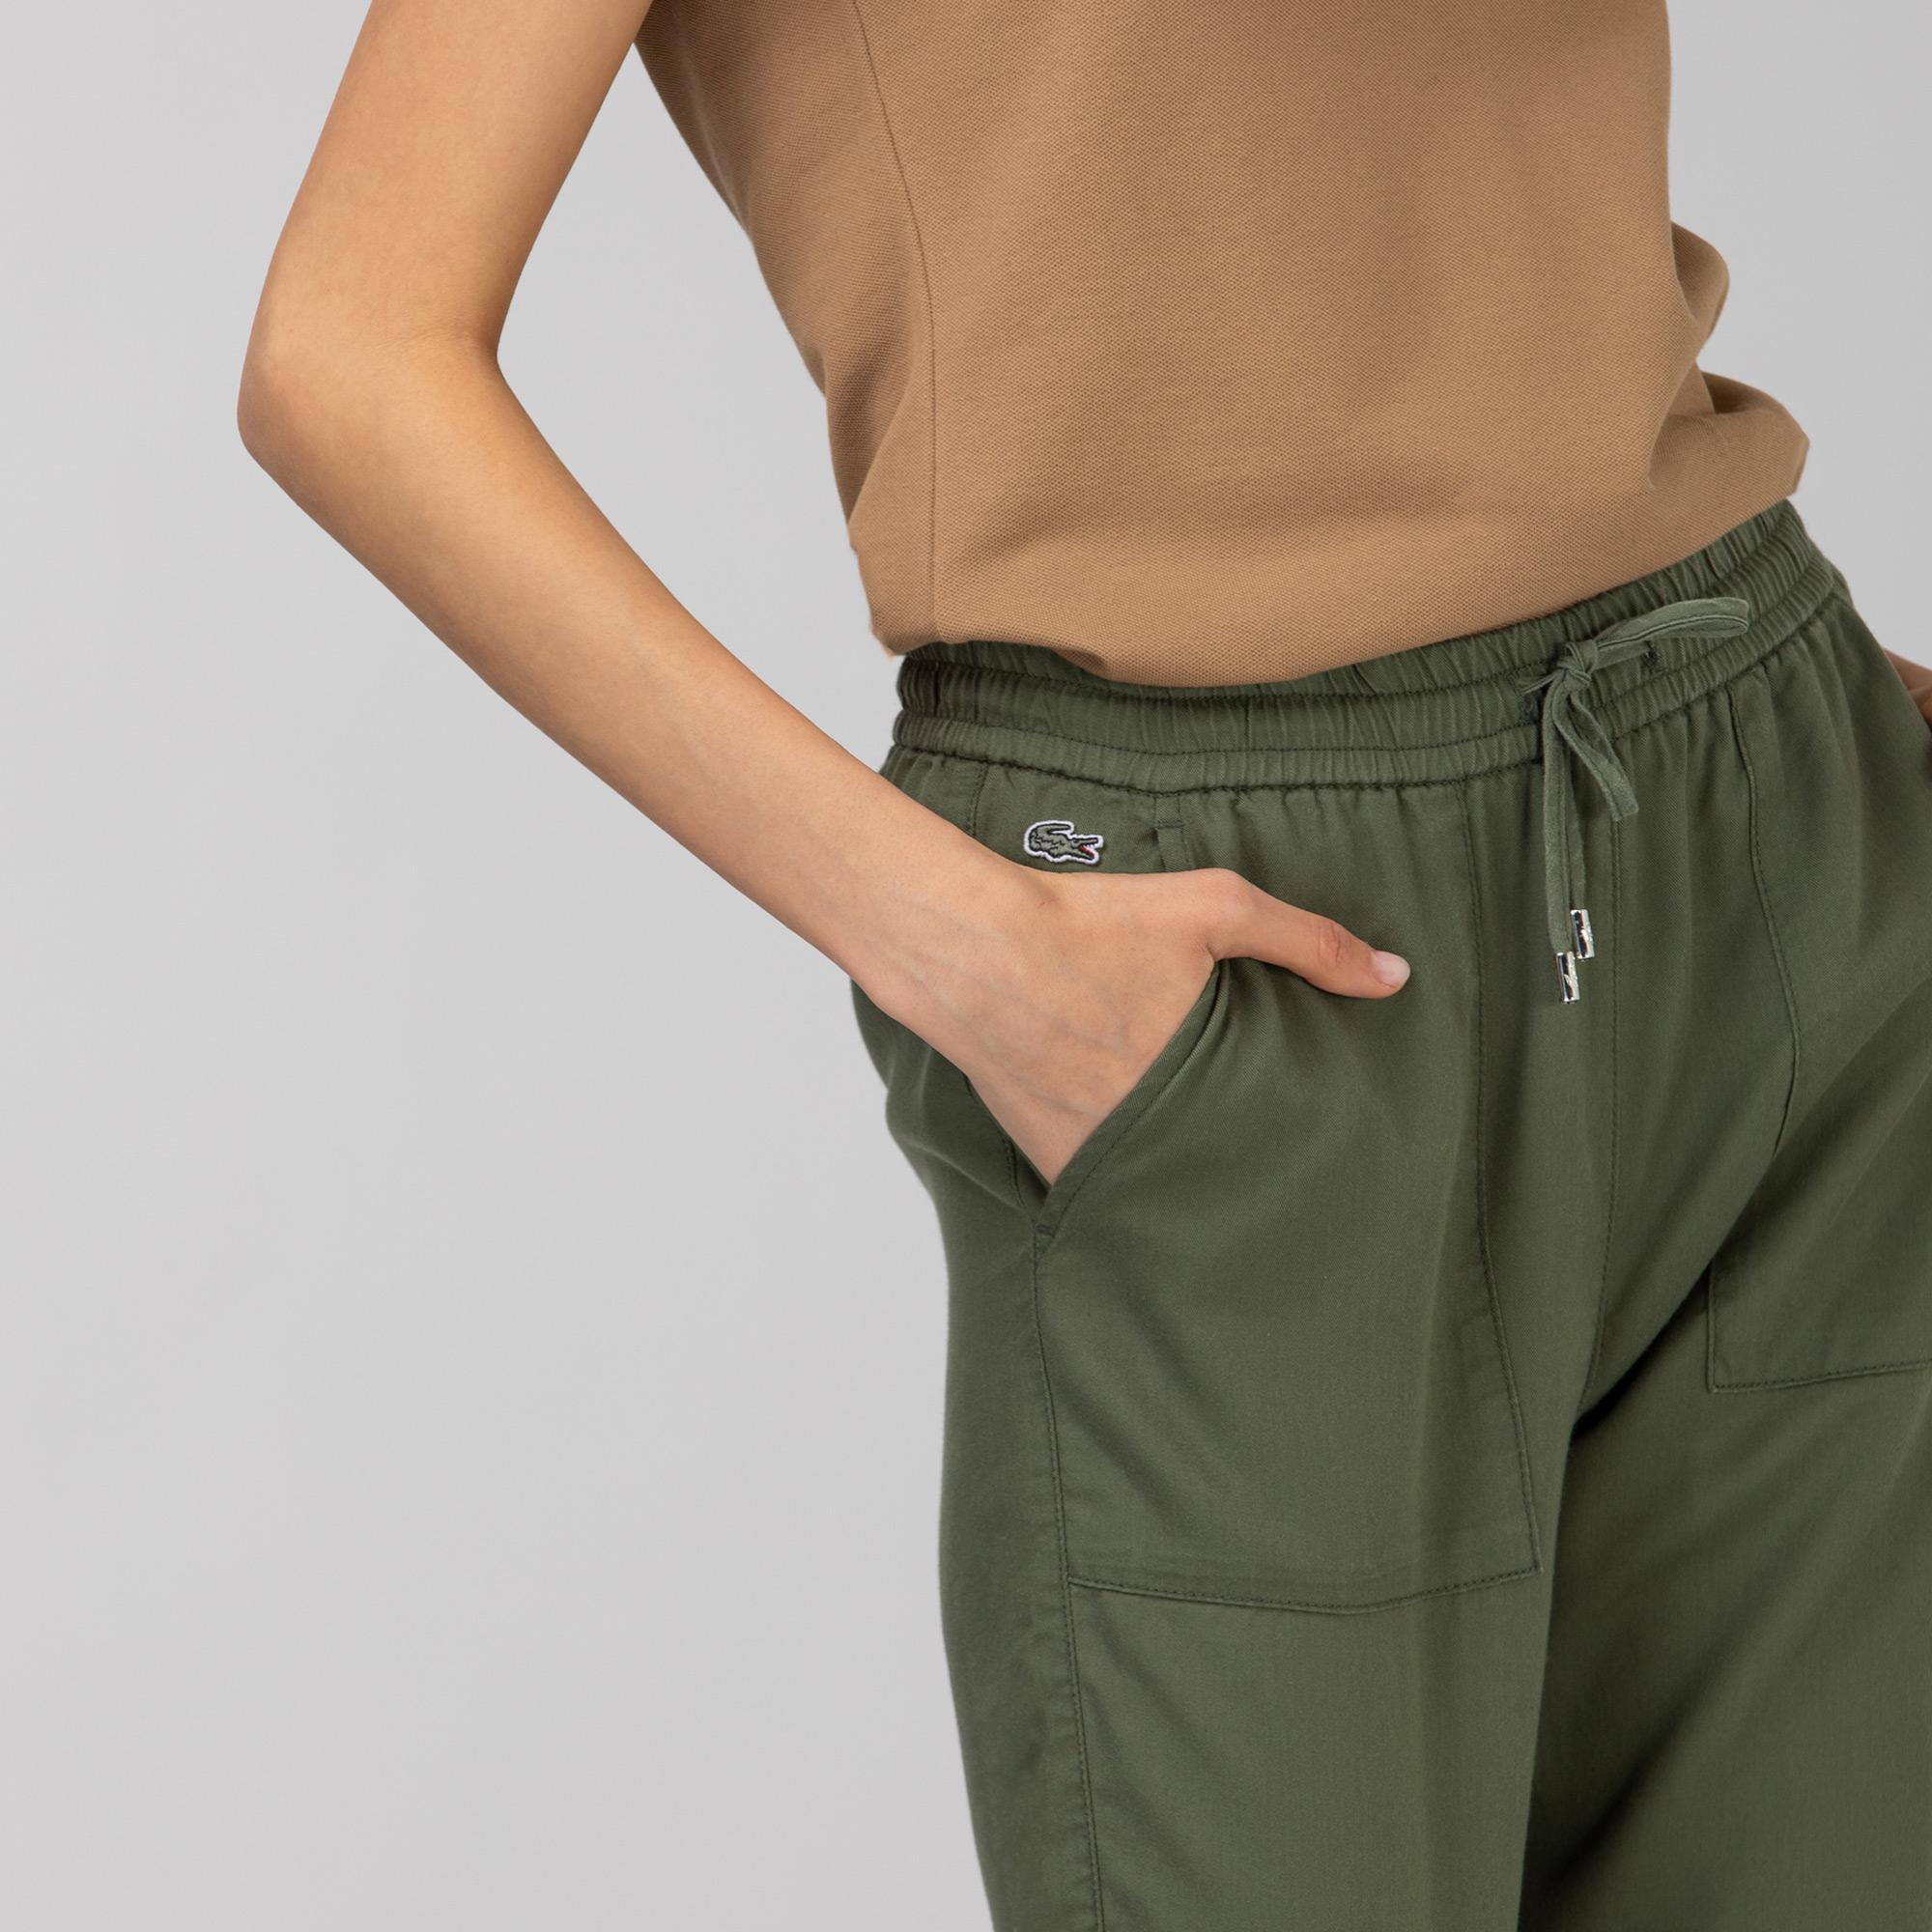 Lacoste Kadın Haki Jogger Pantolon